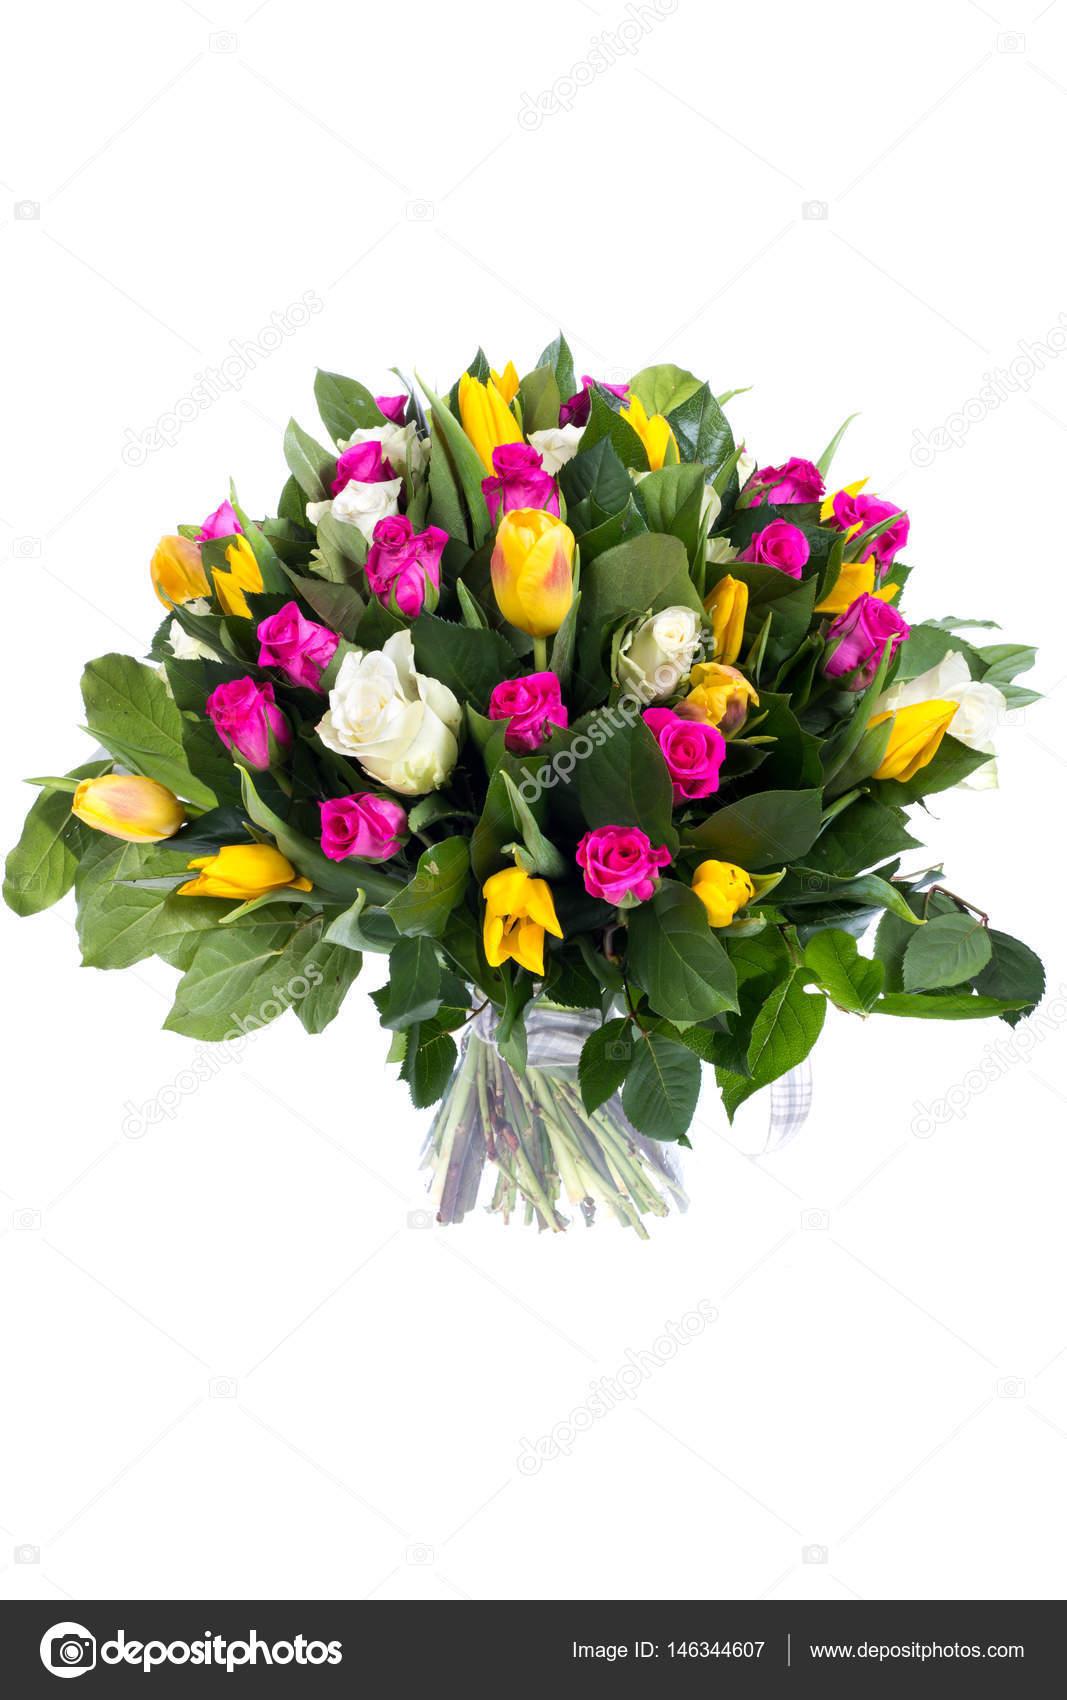 Güzel Bir Buket çiçek Stok Foto Pechatnik1506 146344607